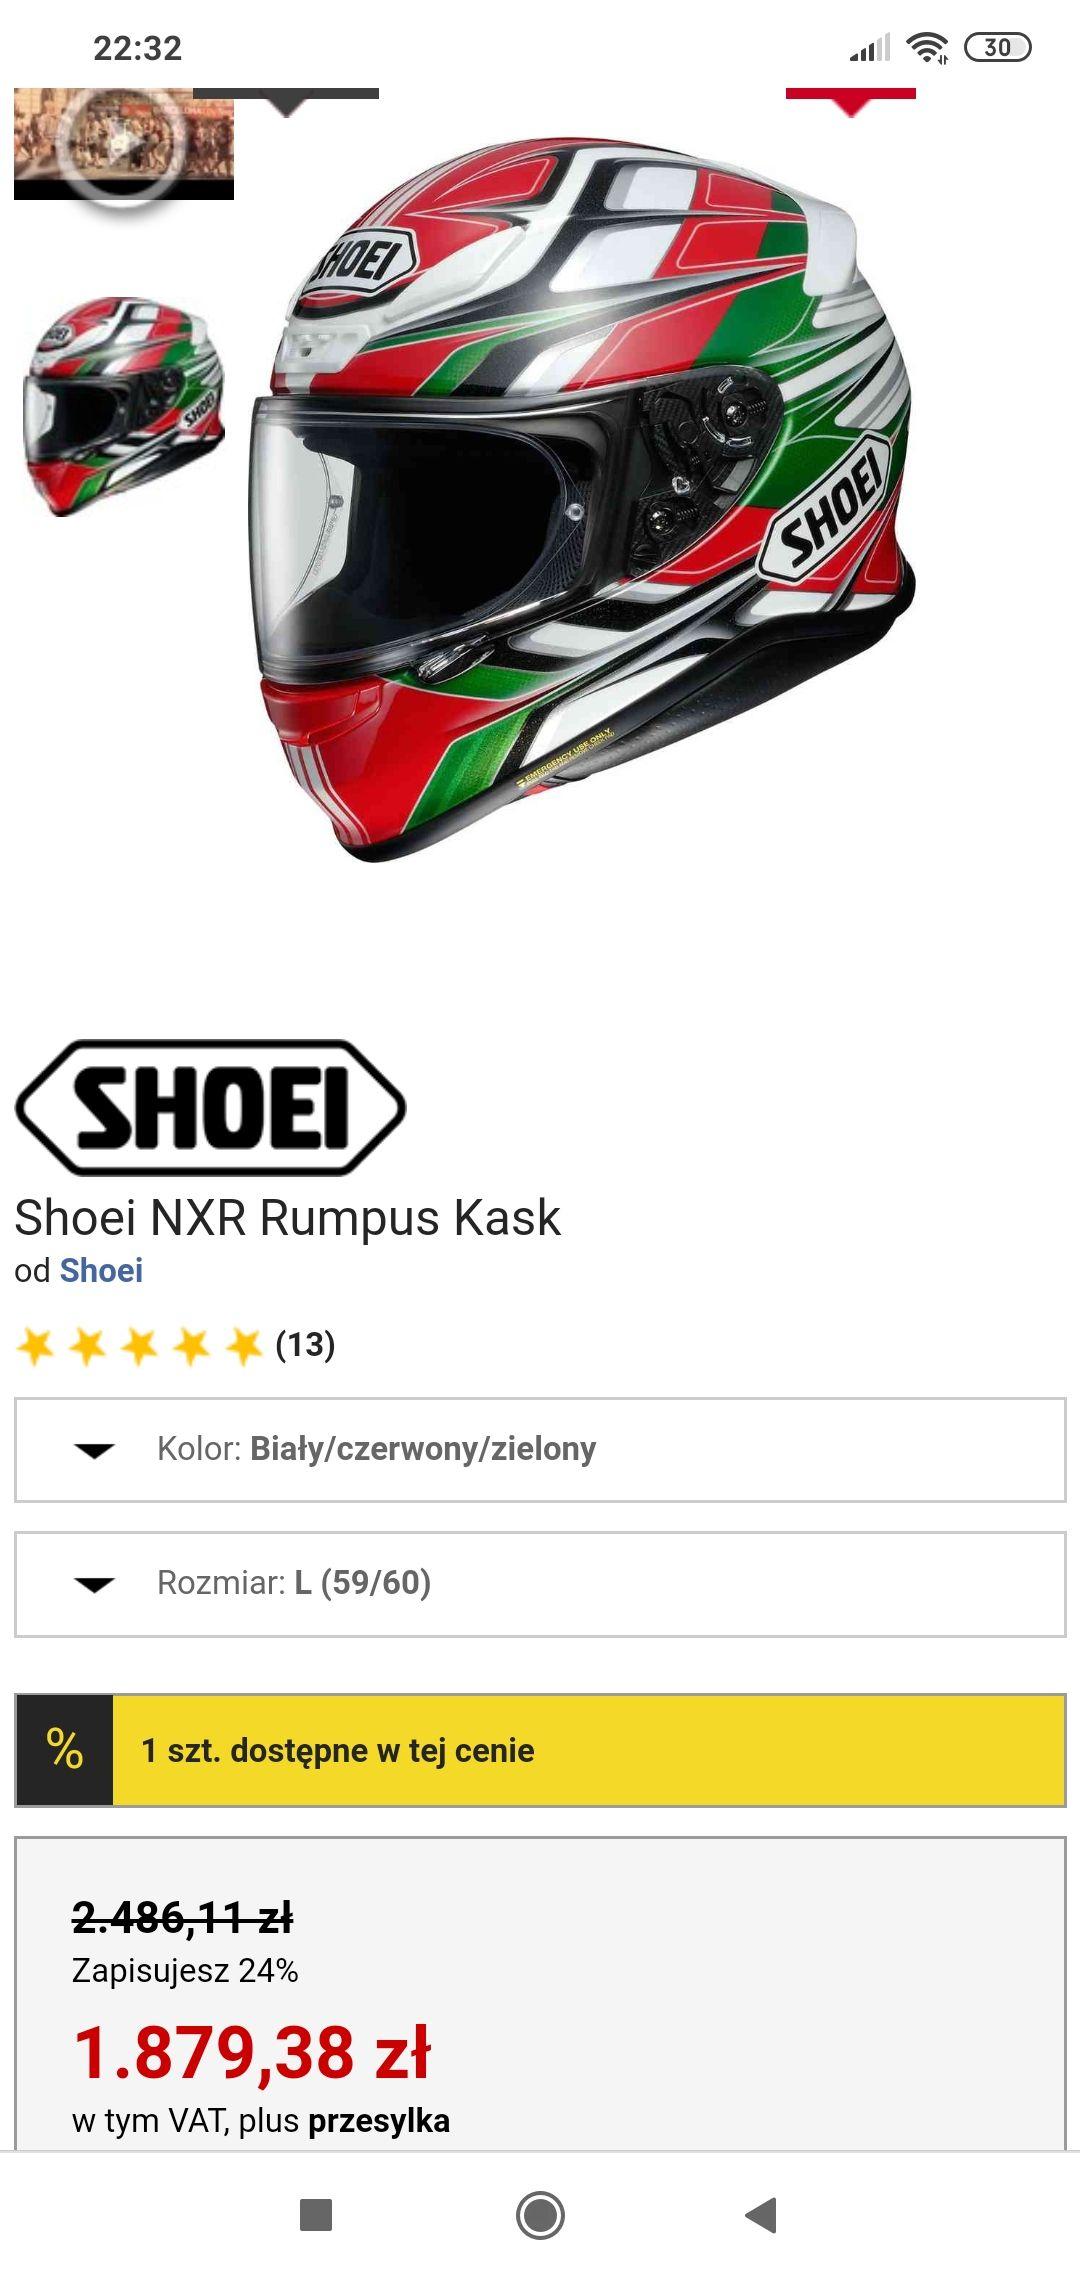 Kask Shoei NXR Rumpus